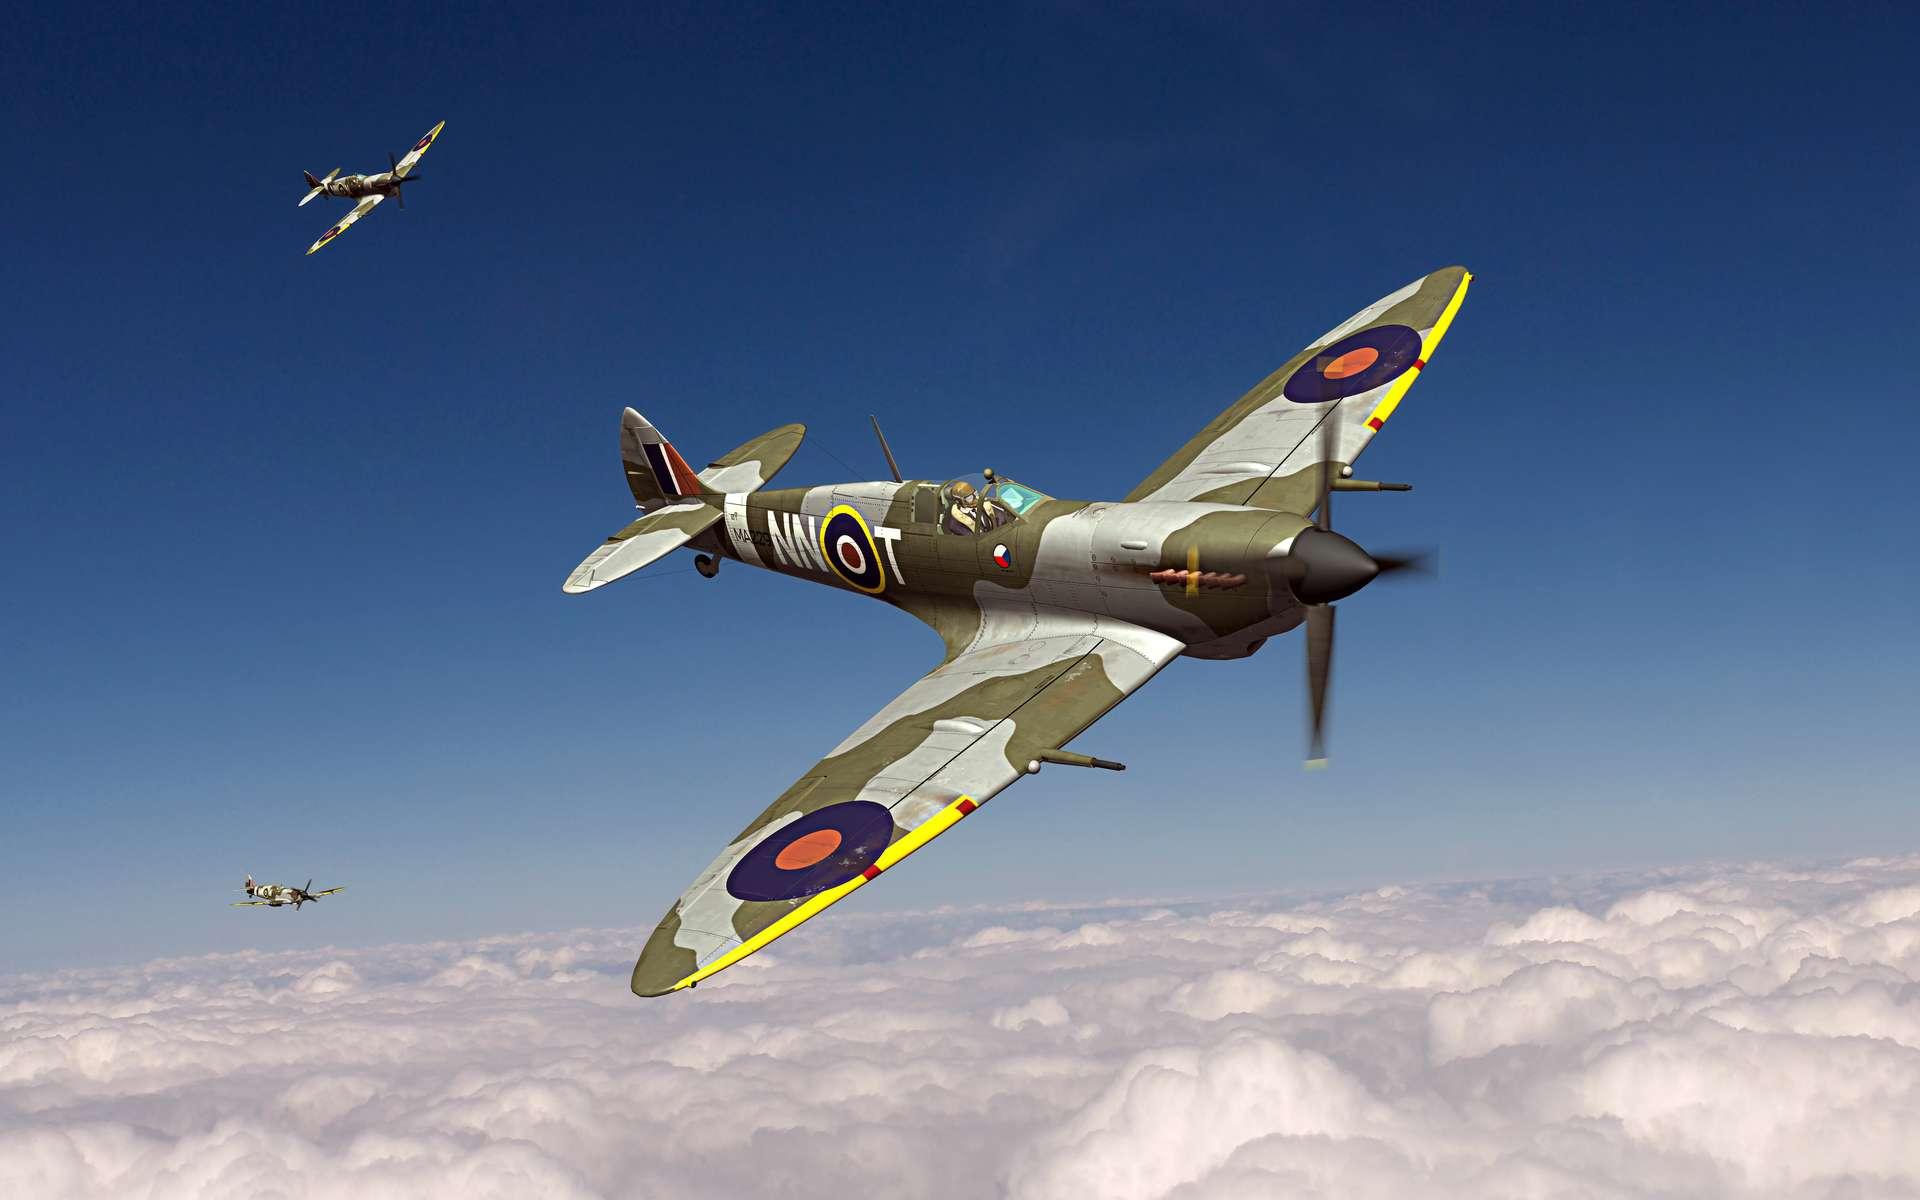 Le Supermarine Spitfire utilisé par la Royal Air Force s'est distingué durant la seconde guerre mondiale lors de la bataille d'Angleterre. © Tomaspic, Adobe Stock